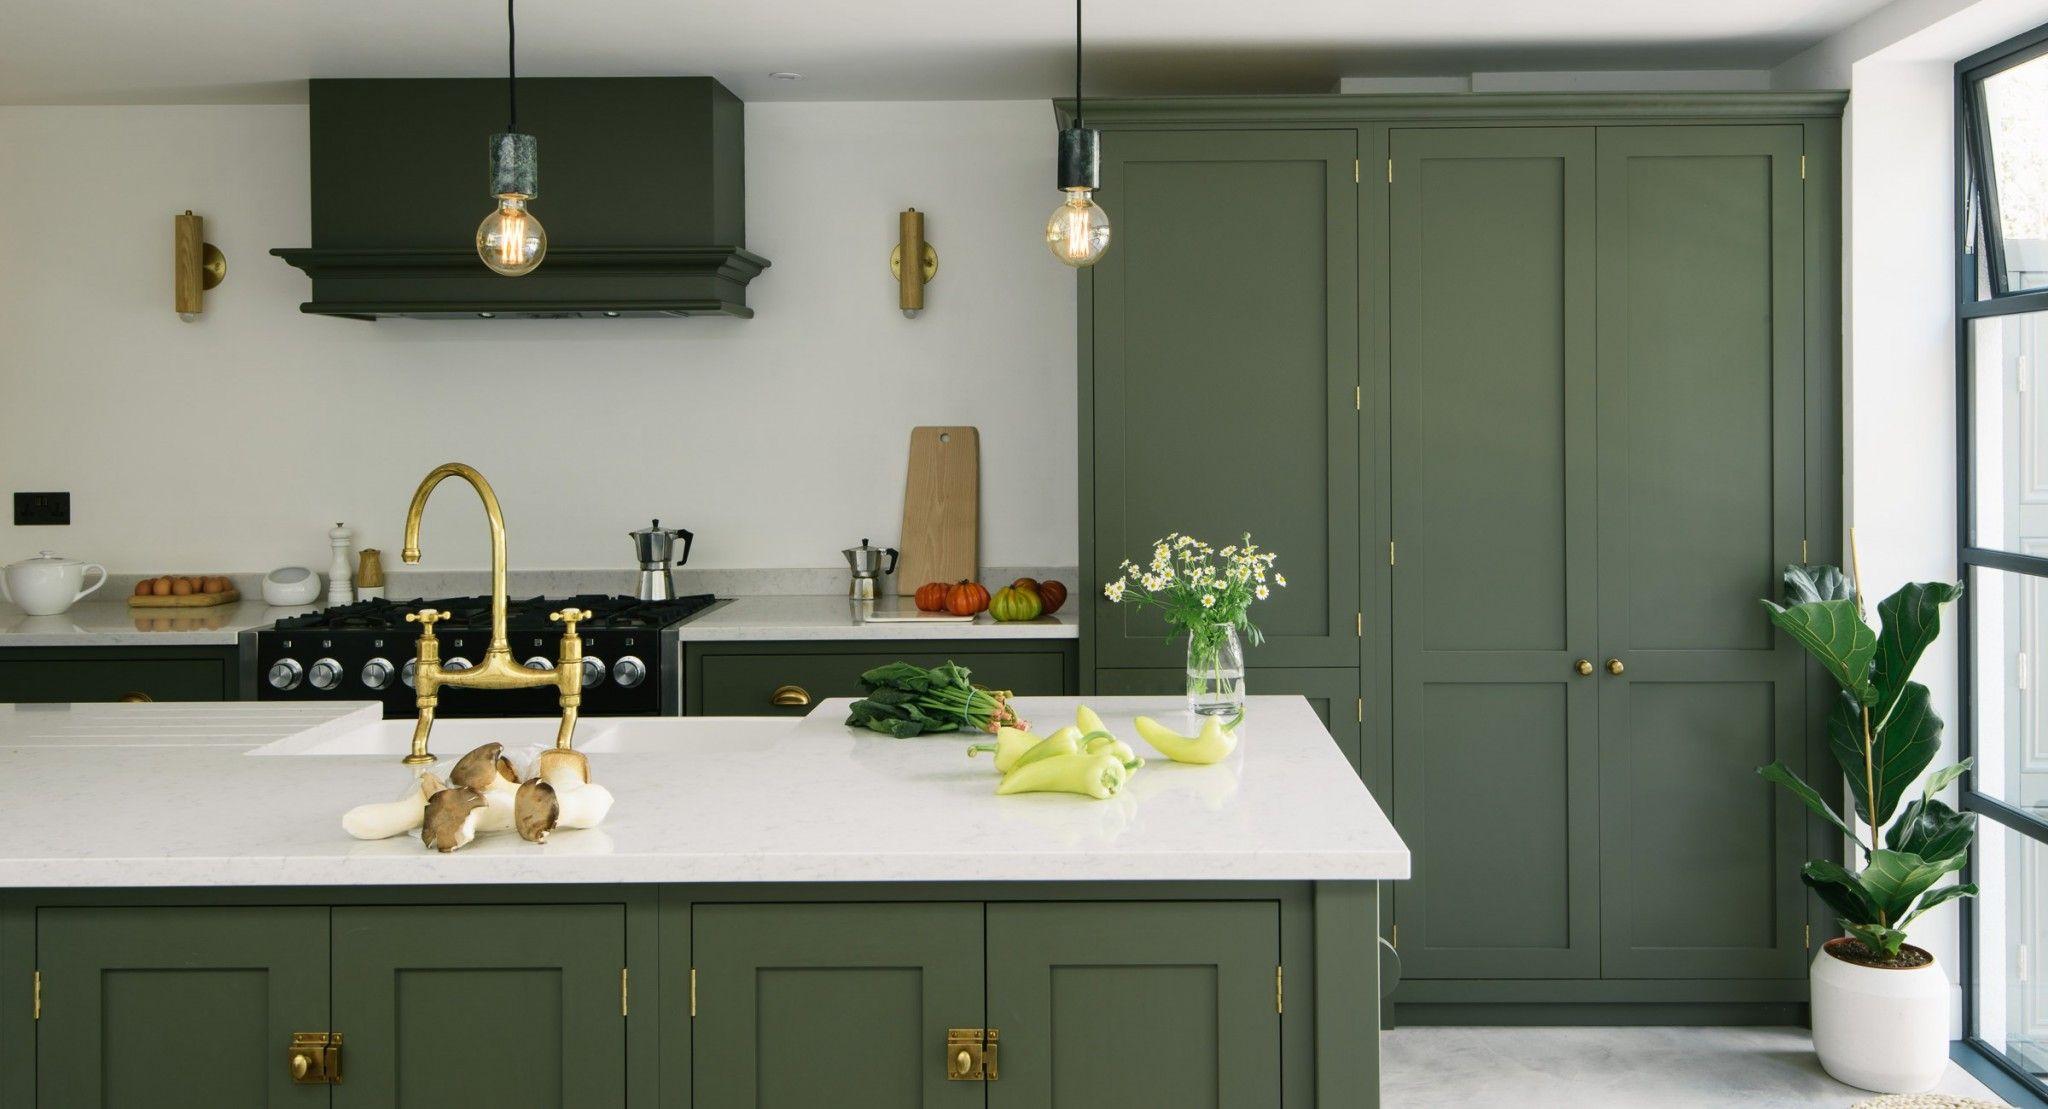 anatomy of a gorgeous green kitchen interior design ideas home decor blog green kitchen on kitchen interior green id=35743